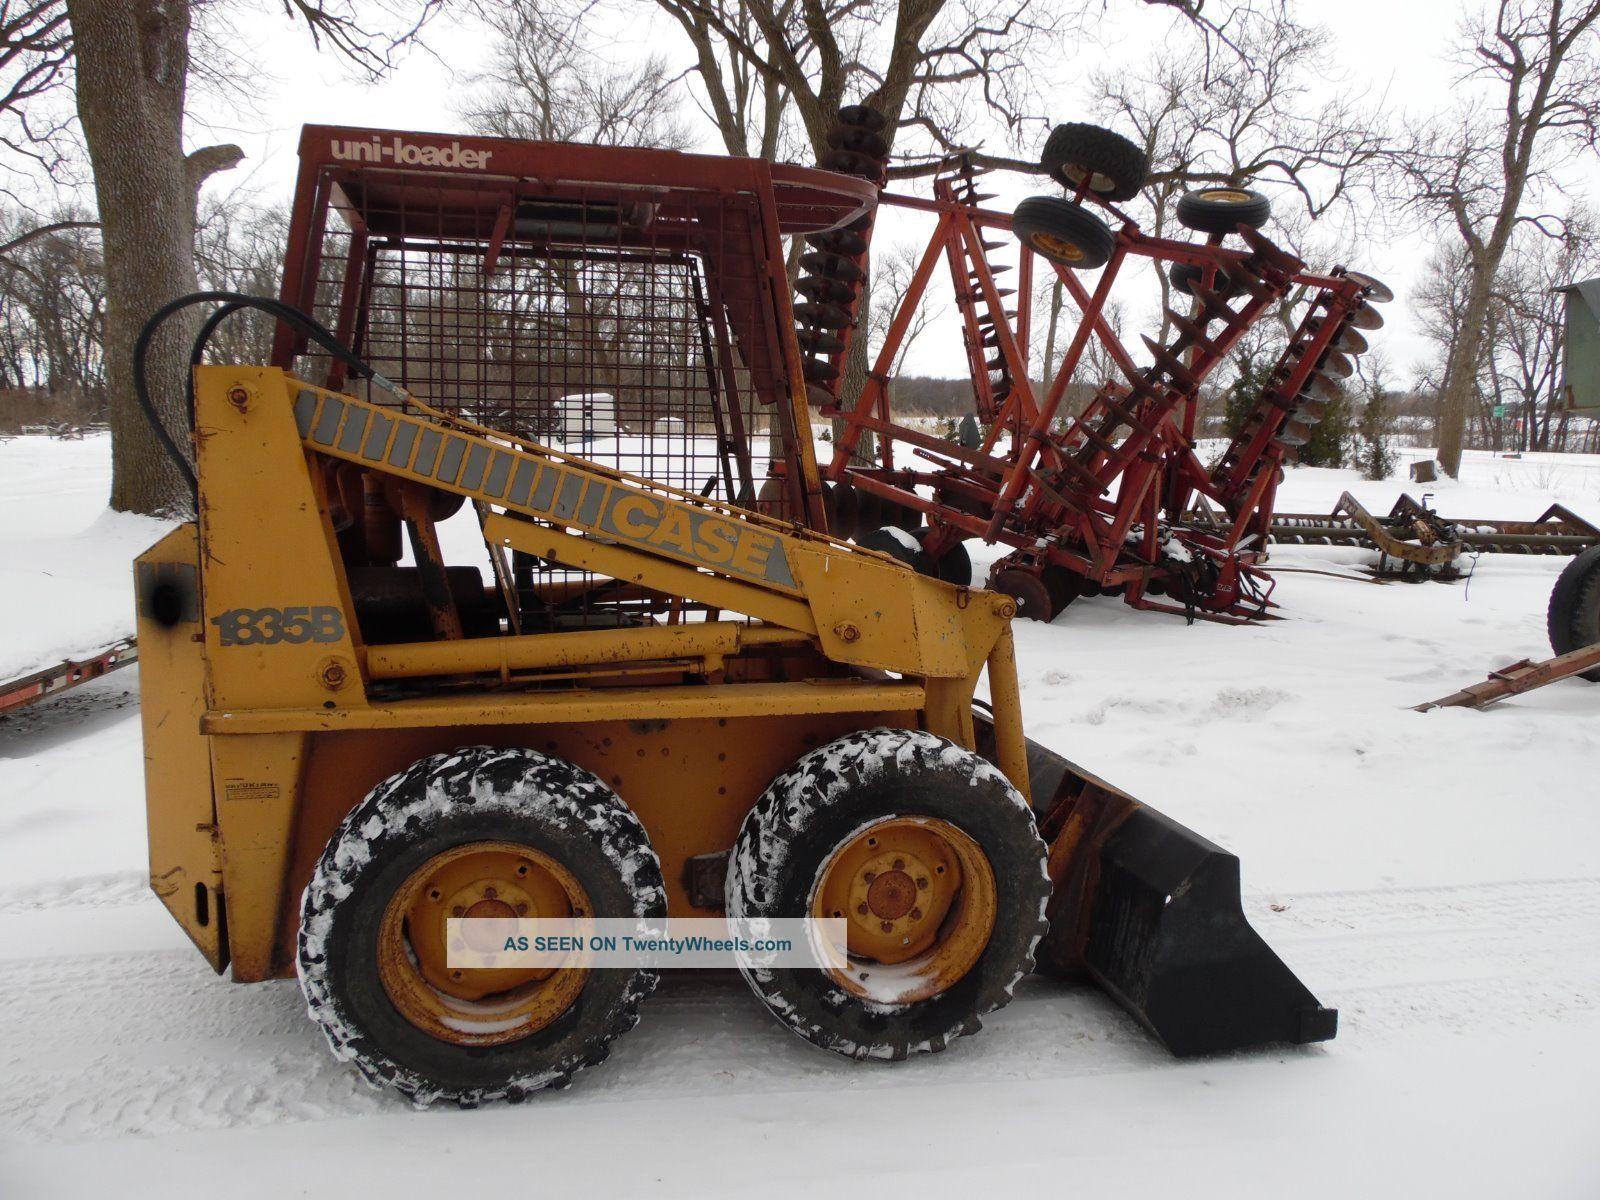 Bobcat Skid Steer Cover : Case b skid steer loader low houred bobcat skidsteer